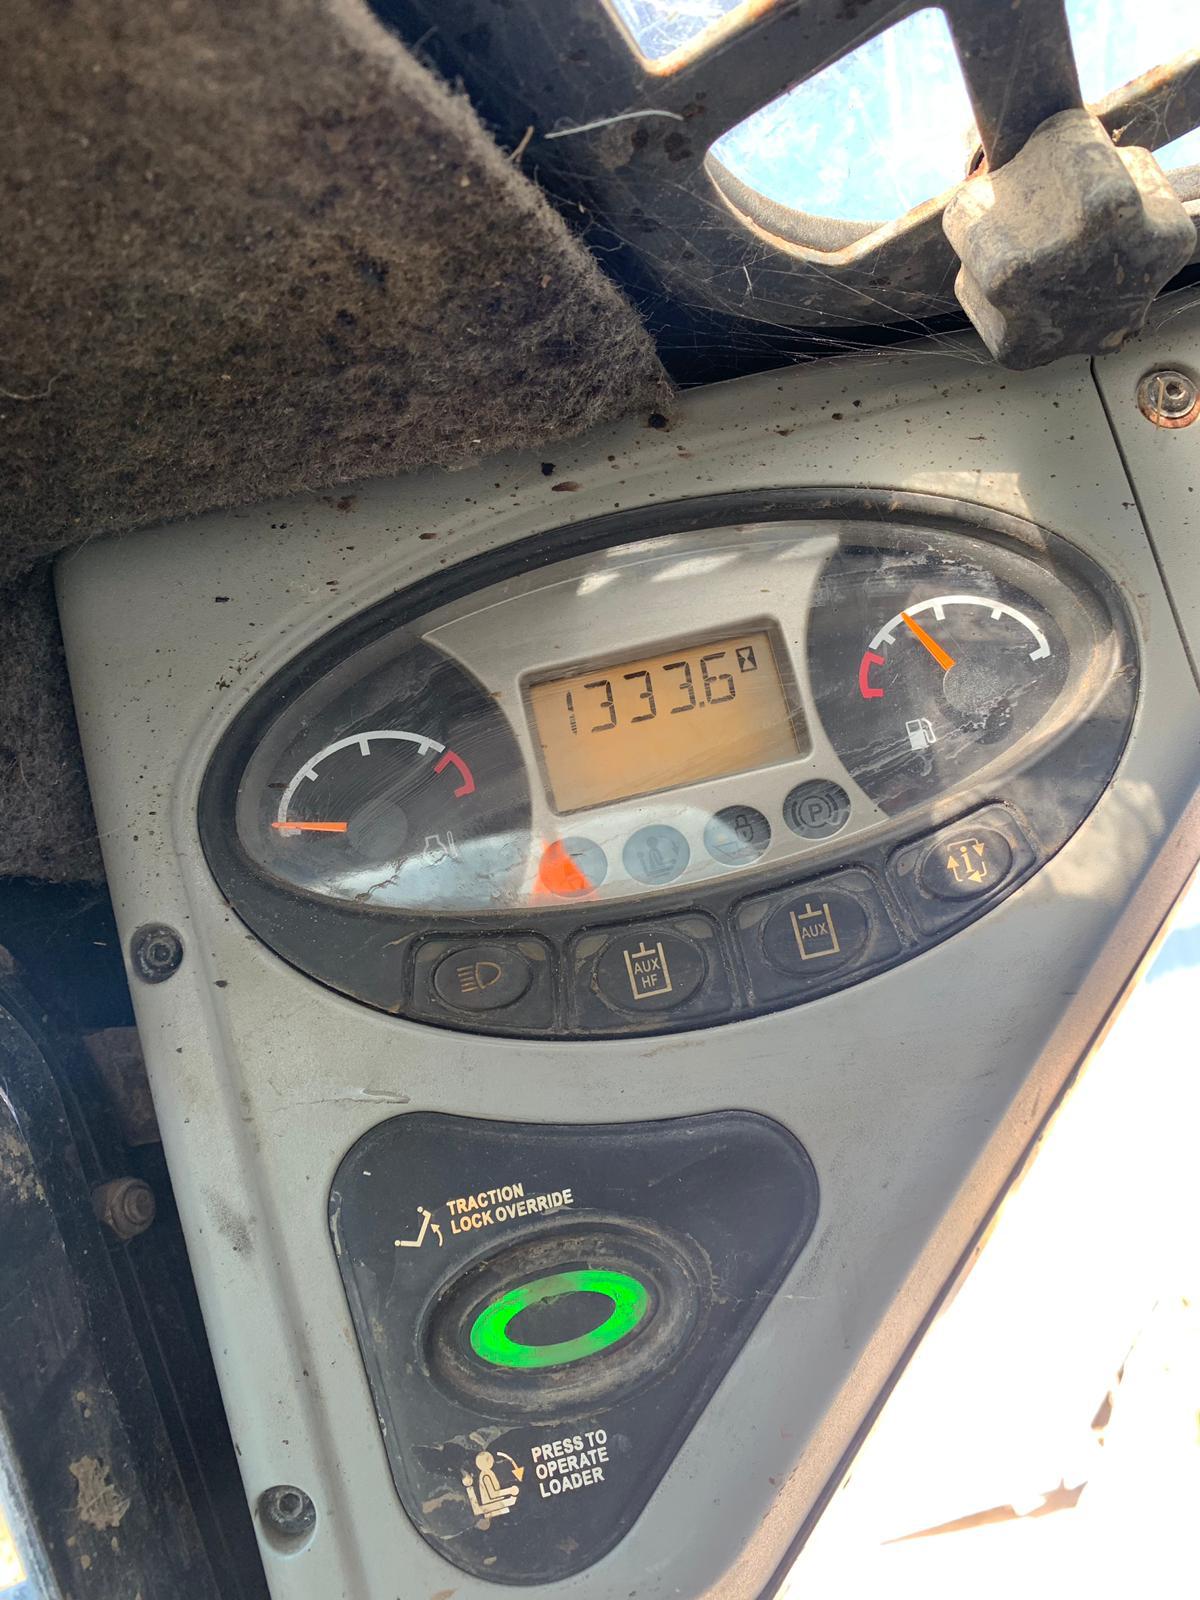 Lot 110 - BOBCAT COMPACT TRACKED LOADER, MODEL T110, C/W FORKS & BUCKET *PLUS VAT*